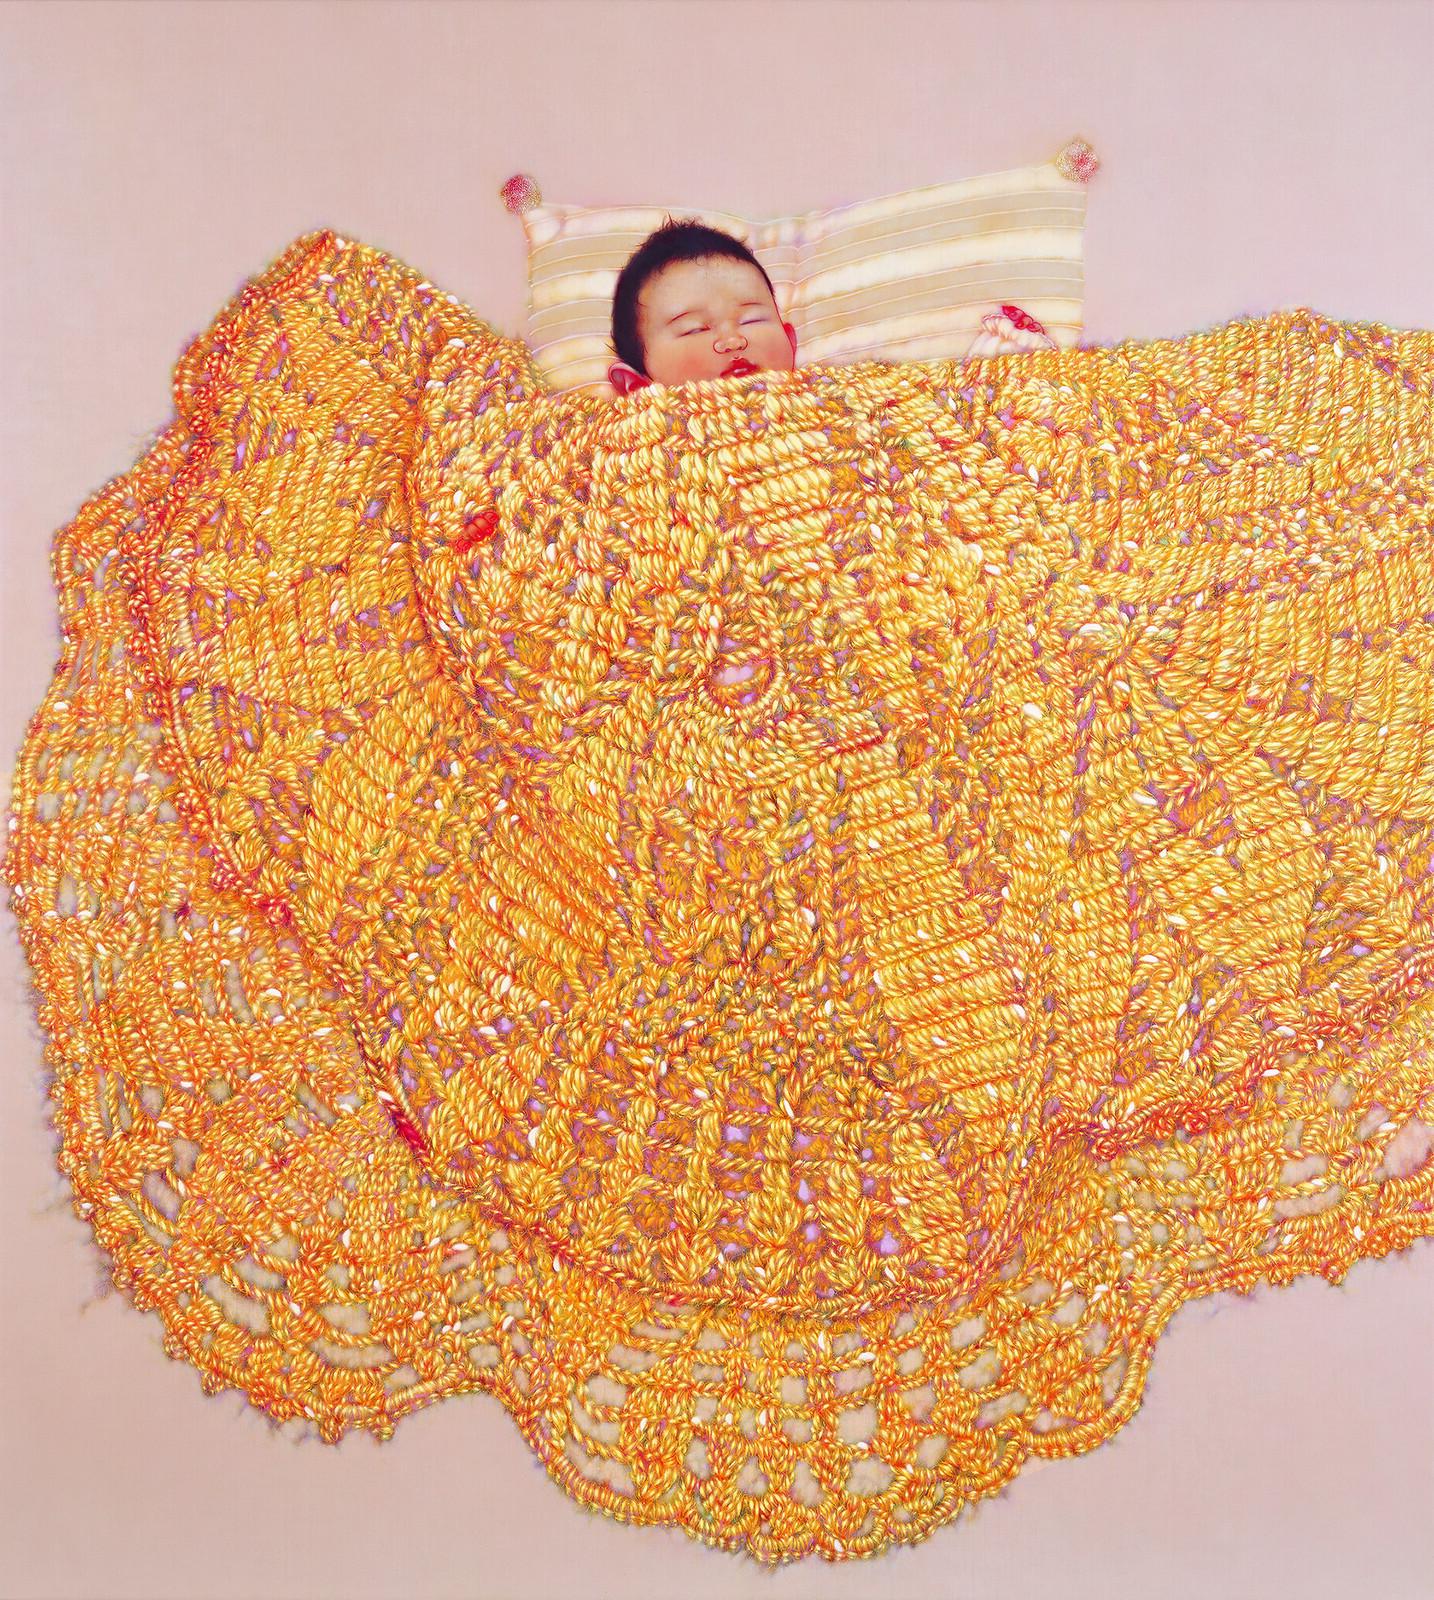 木下晋《休息》(2010年、平塚市美術館)